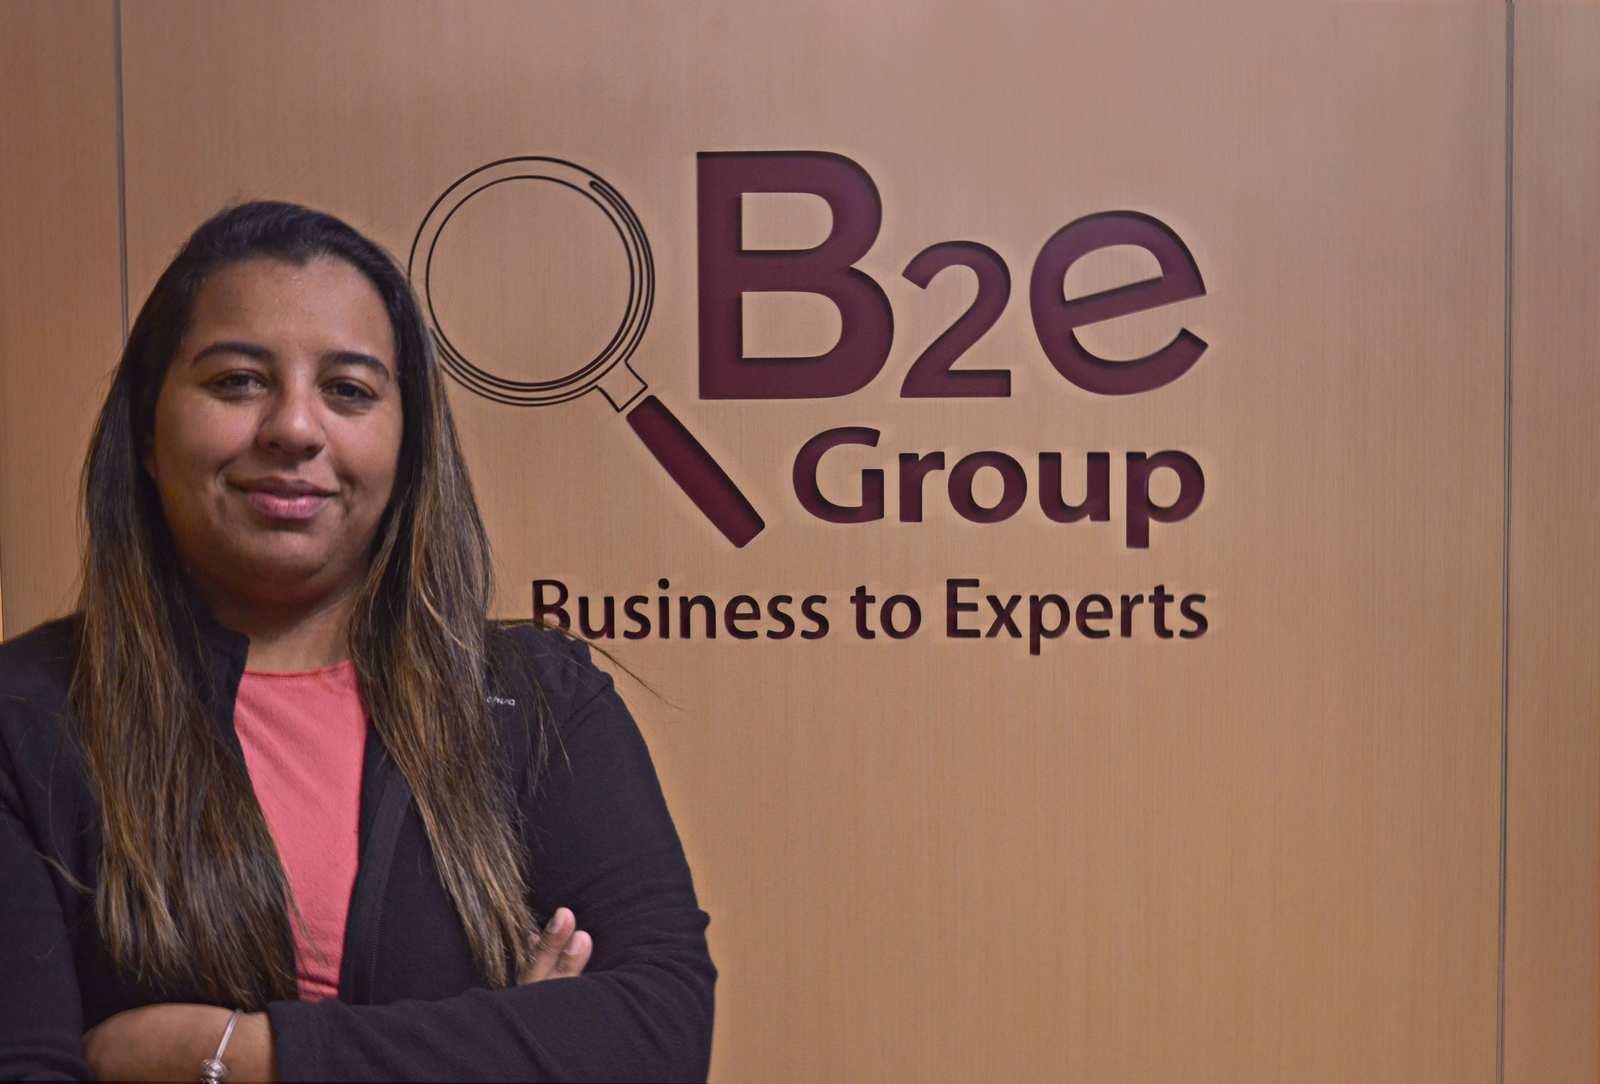 Entrevista com Ana Santos, Coordenadora de Operações da B2e Group